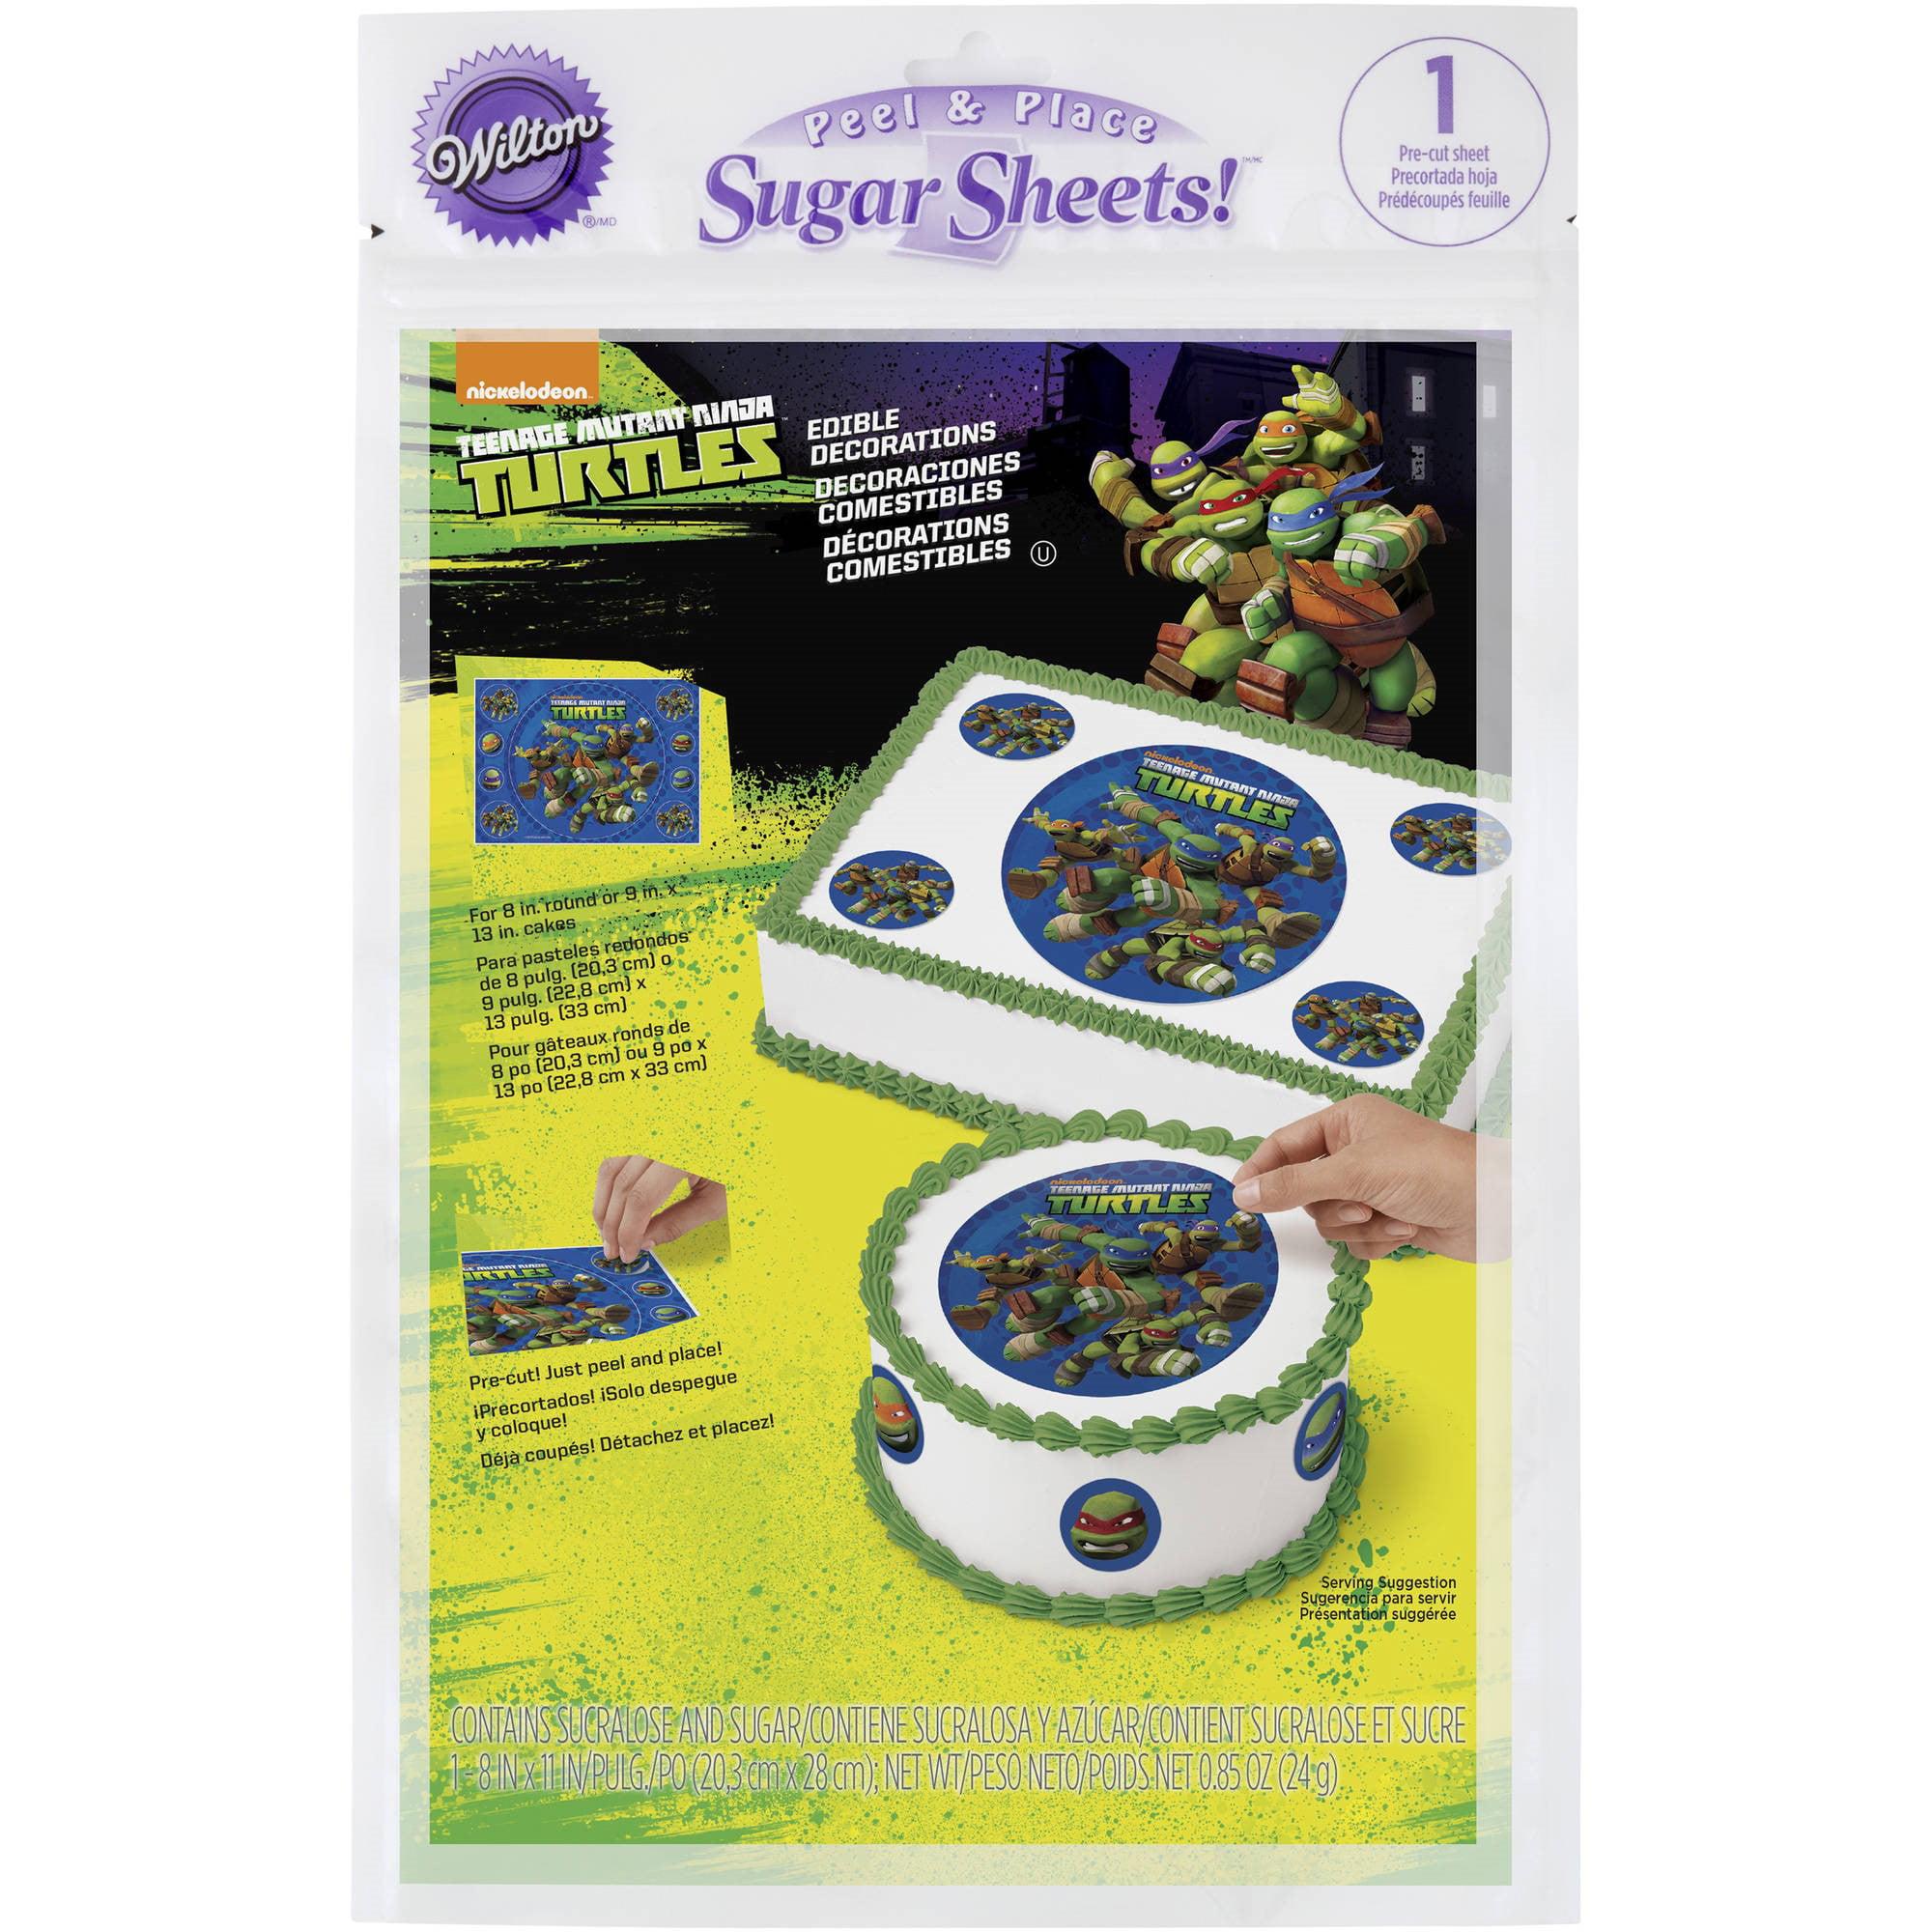 Teenage Mutant Ninja Turtles Sugar Sheets